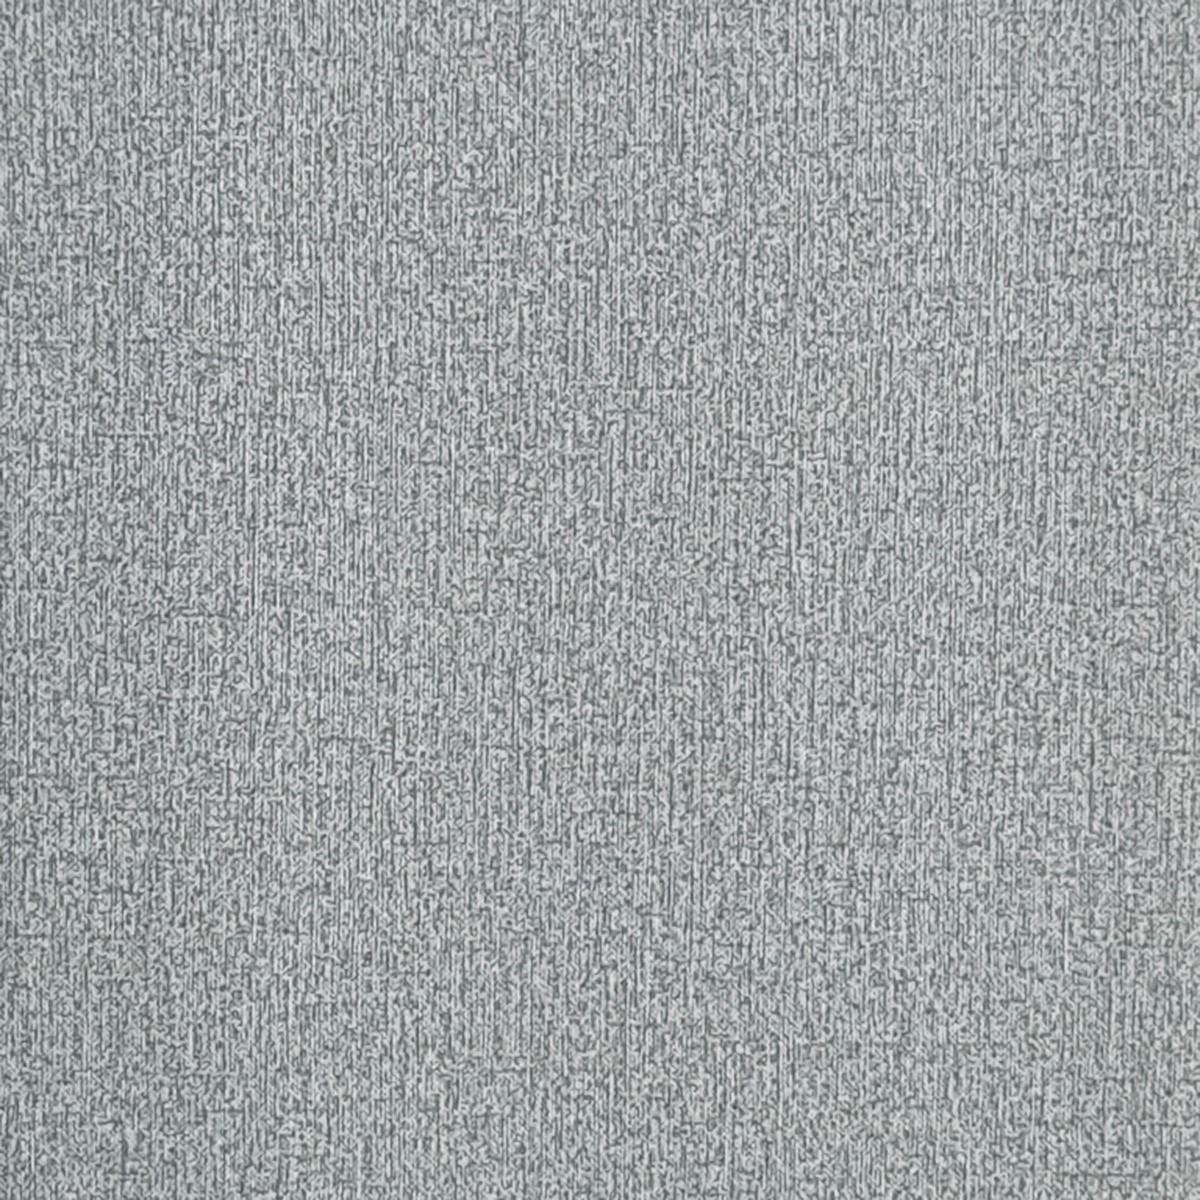 Обои флизелиновые G`Boya Fashion I серые 240479 1.06 м